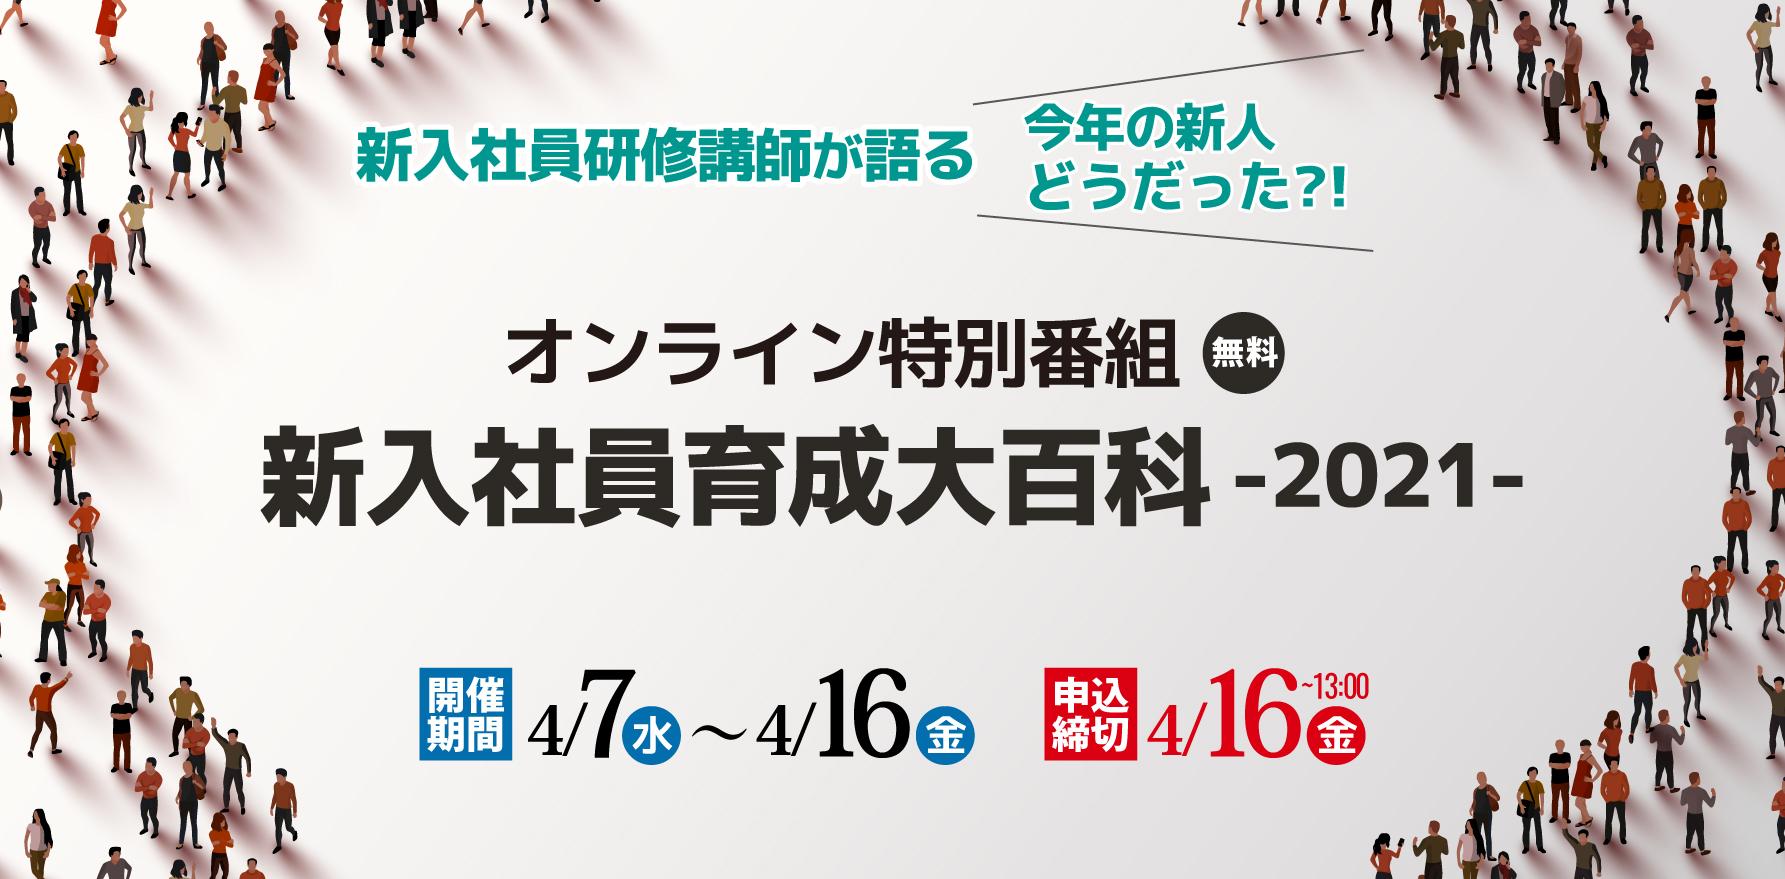 「新入社員育成大百科ー2021ー」番組②20新卒・21新卒トークセッション2